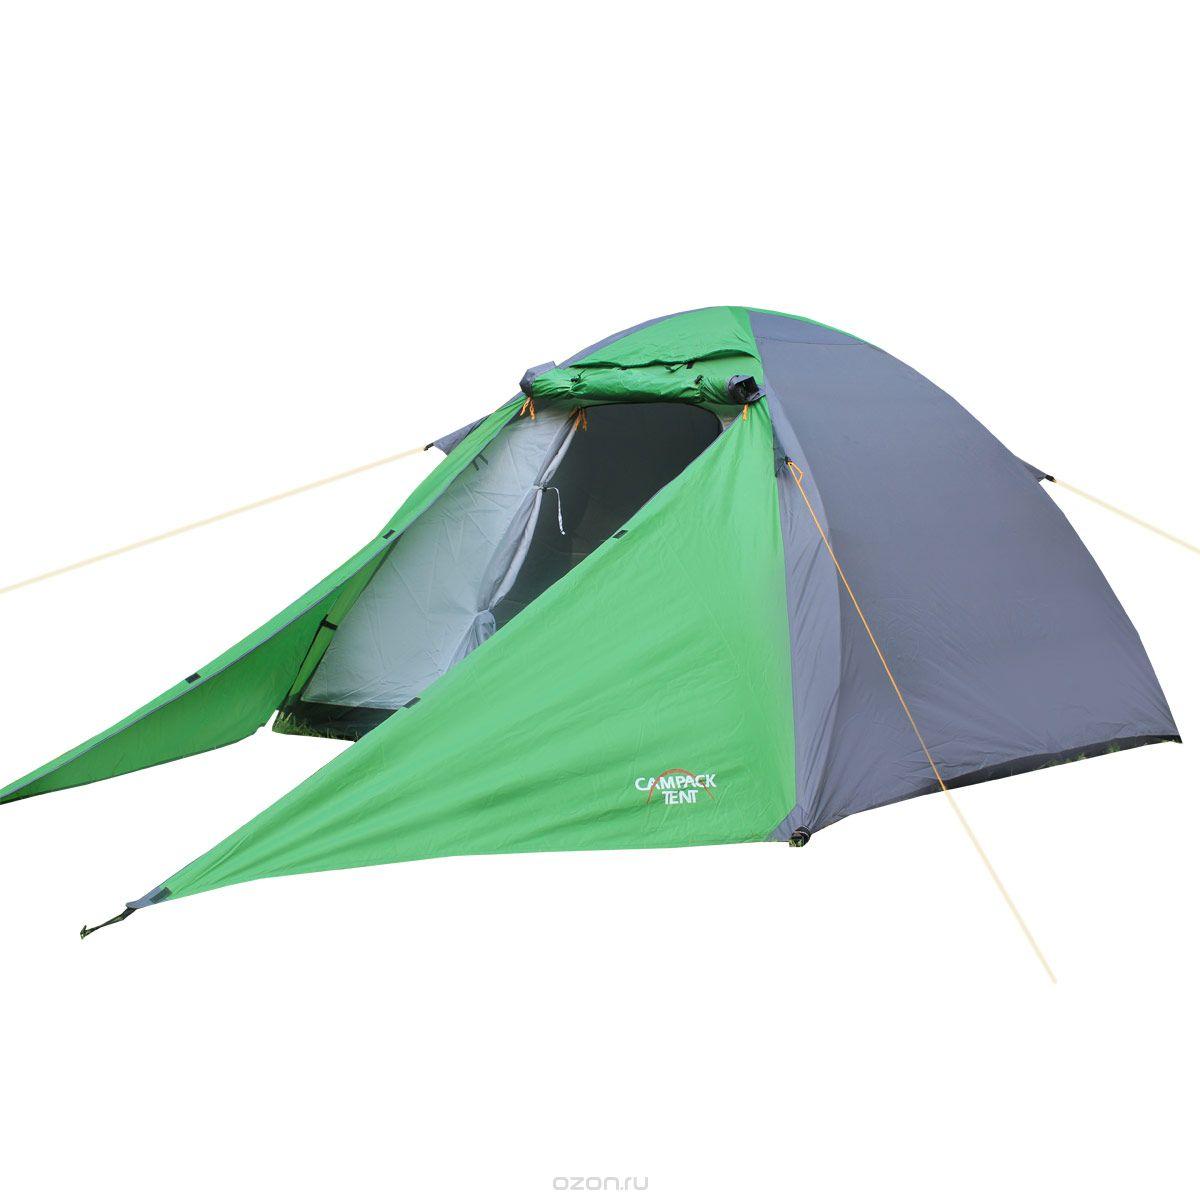 Палатка туристическая CAMPACK-TENT Forest Explorer Палатки<br>Универсальная купольная палатка для несложных <br>походов и семейного отдыха на природе. Высокопрочное <br>дно изготовлено из армированного полиэтилена, <br>не пропускает влагу и устойчиво к истиранию. <br>Каркас, изготовленный из фибергласса, обеспечивает <br>надежность и устойчивость. Палатка оснащена <br>увеличенными вентиляционными окнами, клапаном <br>от косого дождя и двухслойной дверью с цветными <br>молниями. Дополнительный пол в тамбуре <br>позволяет обеспечить больший комфорт при <br>эксплуатации. Внутри палатки имеется подвеска <br>для фонаря и карманы для хранения мелочей. <br>Проклеенные швы гарантируют герметичность <br>и надежность в любой ситуации. Ткань тента:190T <br>P. Taffeta PU 3000MM Ткань палатки:170T P. Taffeta + MESH Ткань <br>дна:Tarpauling Вес: 4,7 кг Диаметр дуг: 9,5 мм Ремнабор: <br>Самоклеющиеся заплатки 100 х 100 мм из ткани <br>190T P. Taffeta PU 3000MM<br>